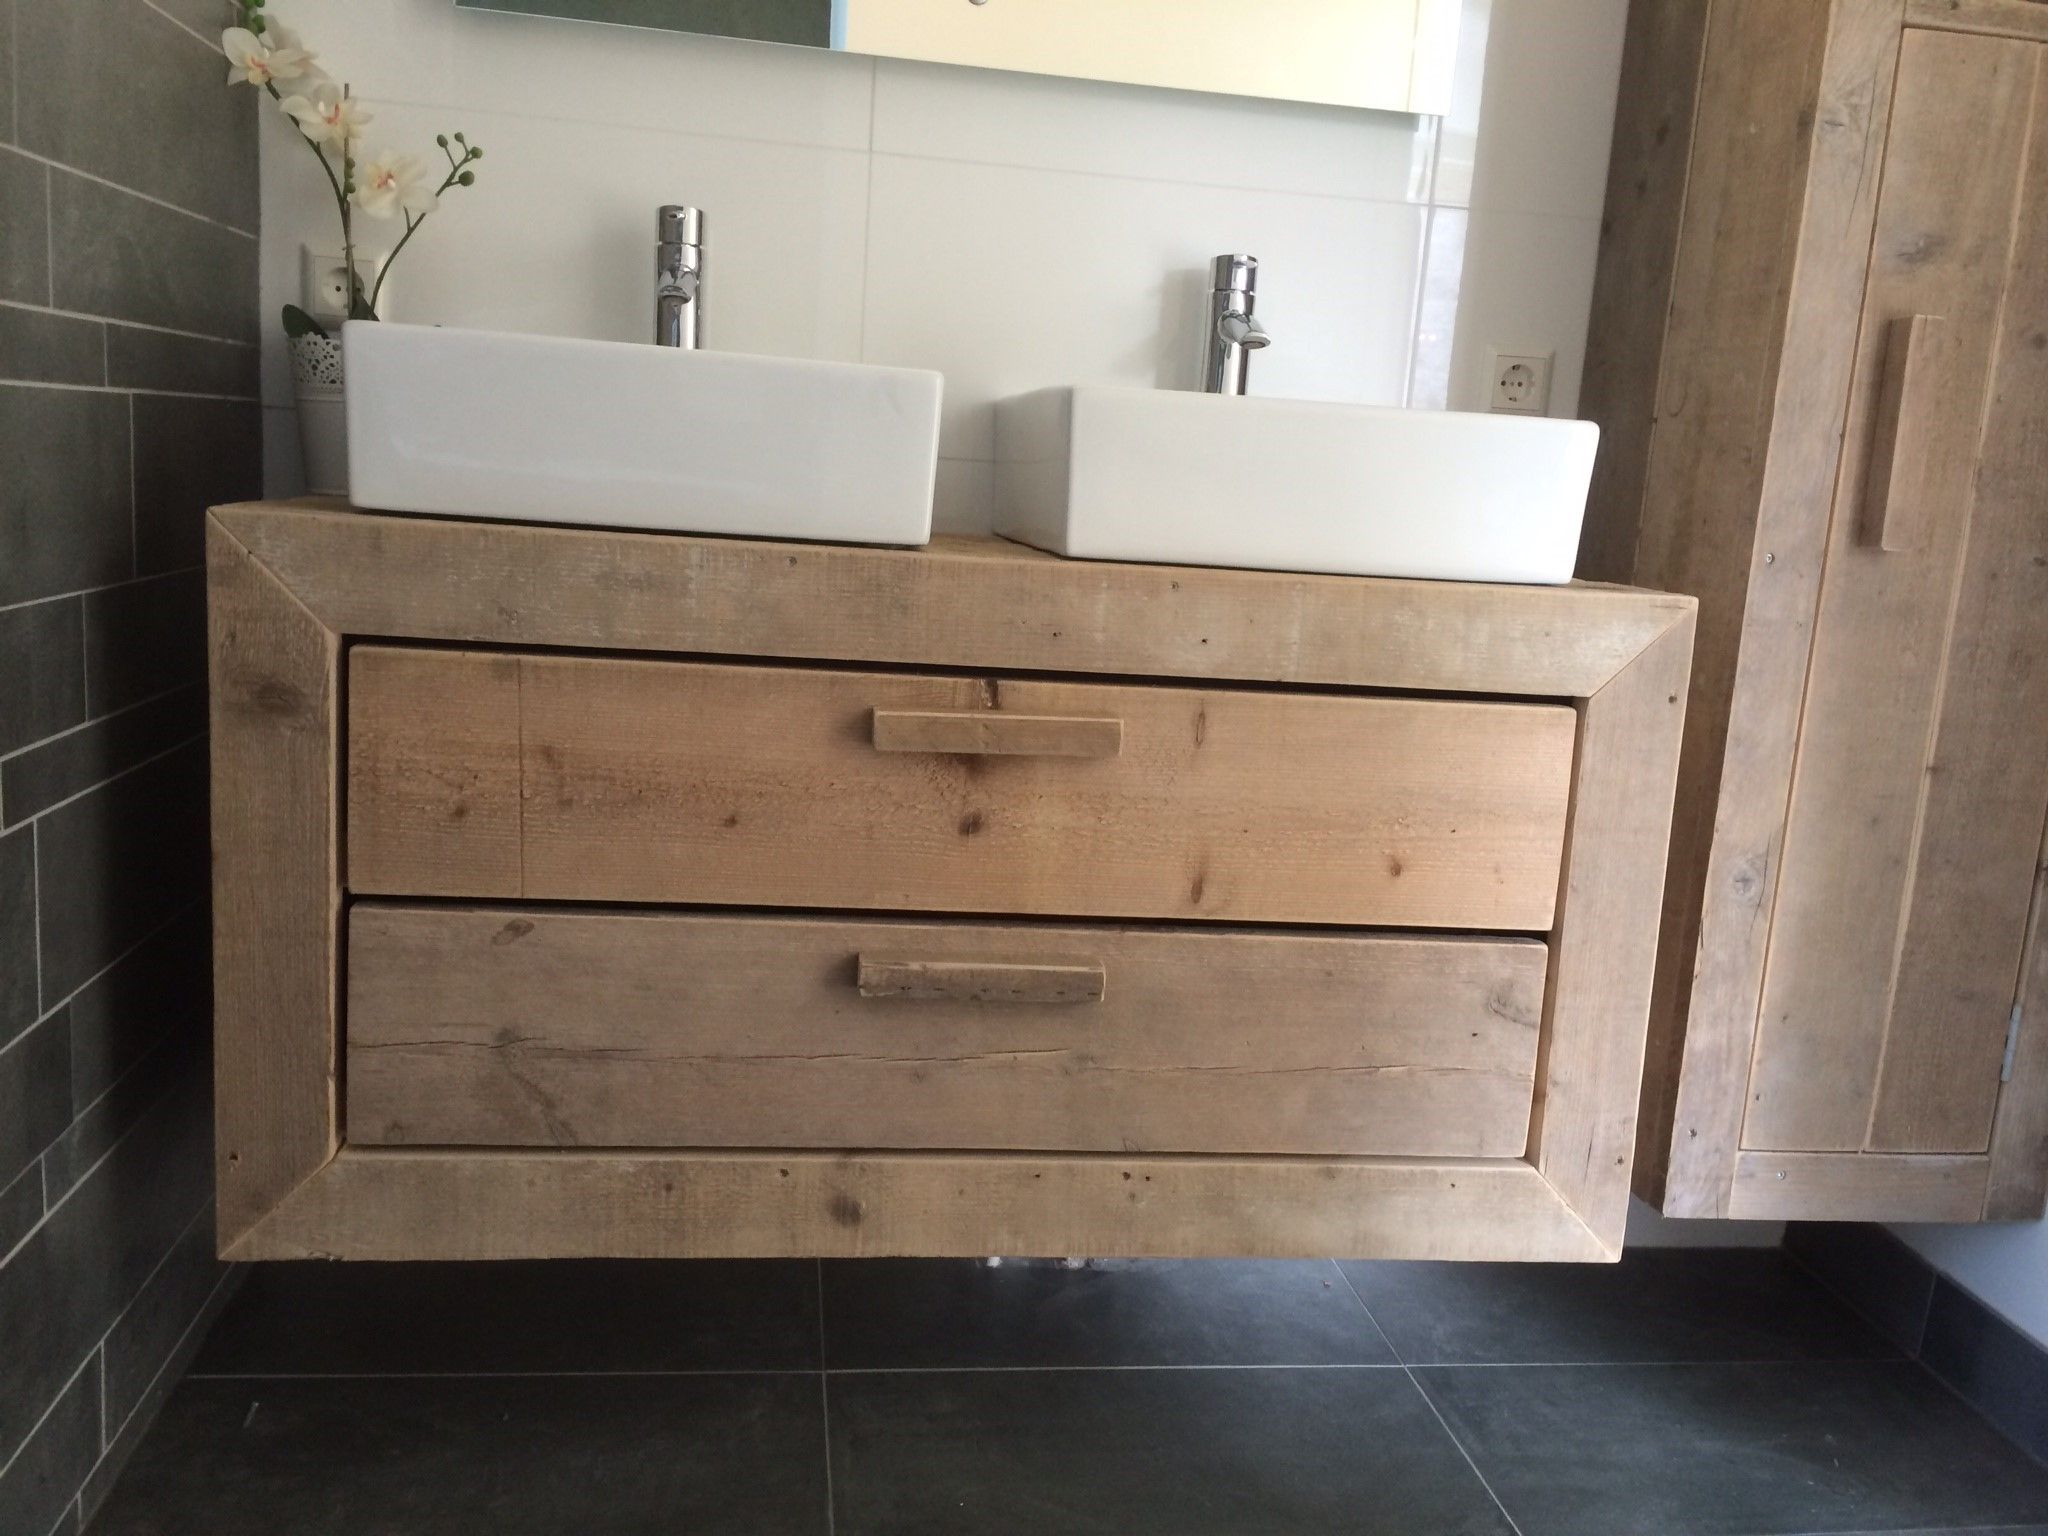 badkamermeubel ombouwen met steigerhout google zoeken